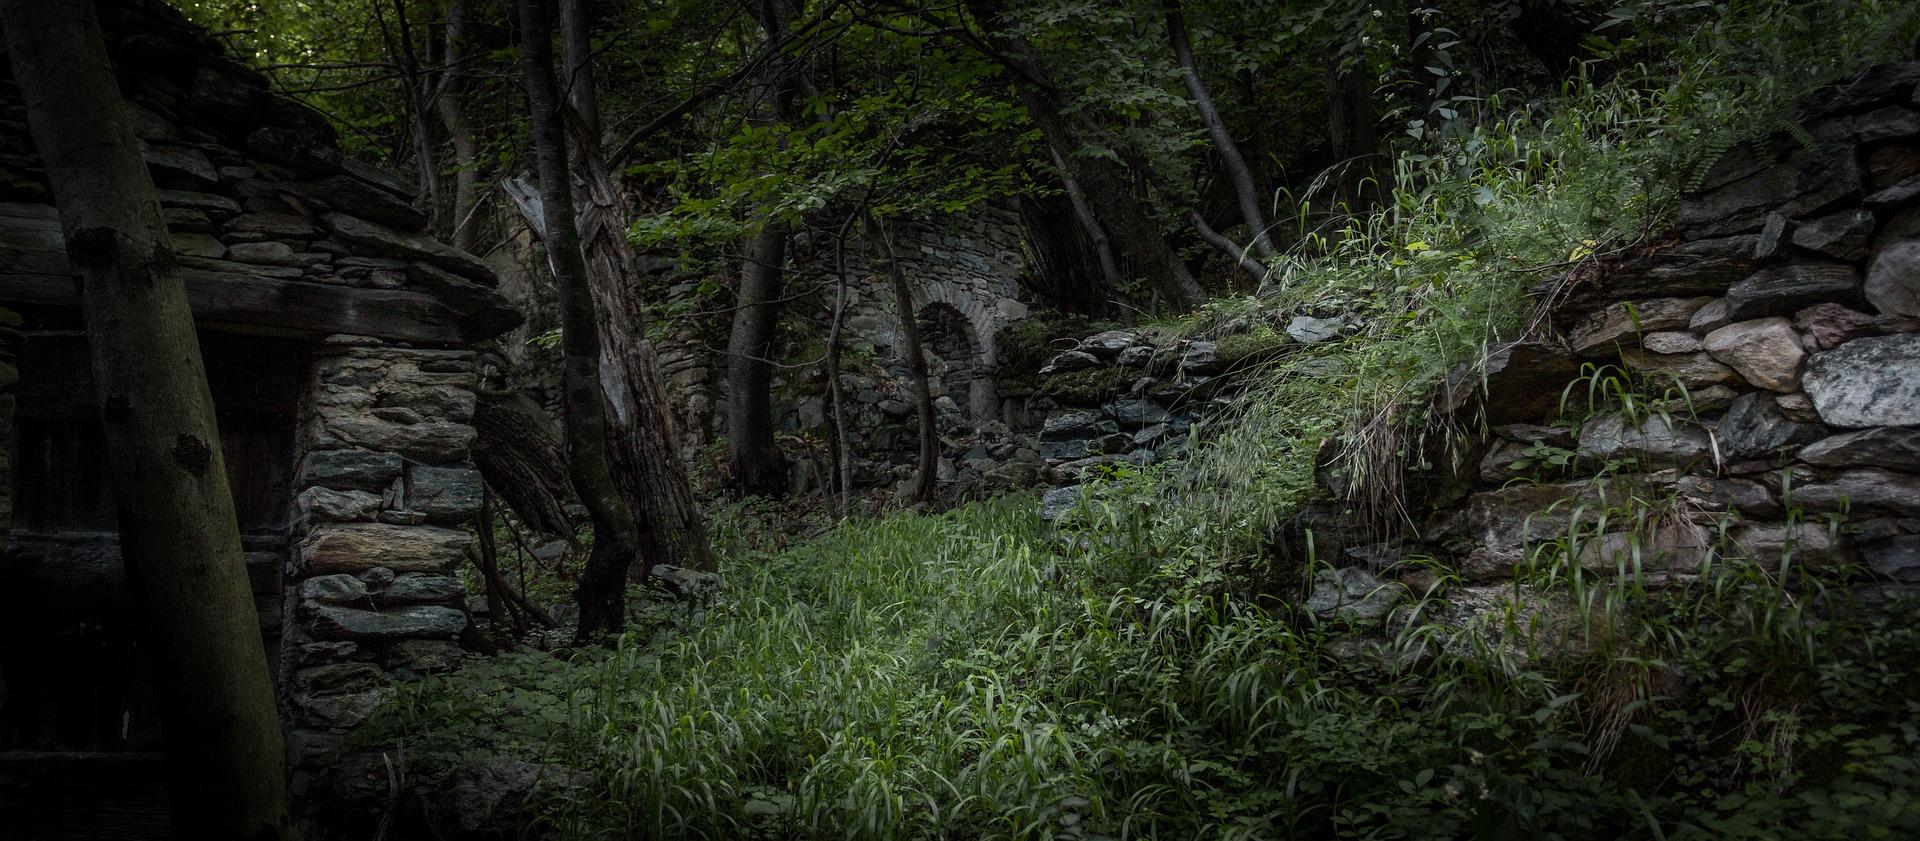 Jungle 2292850 1920